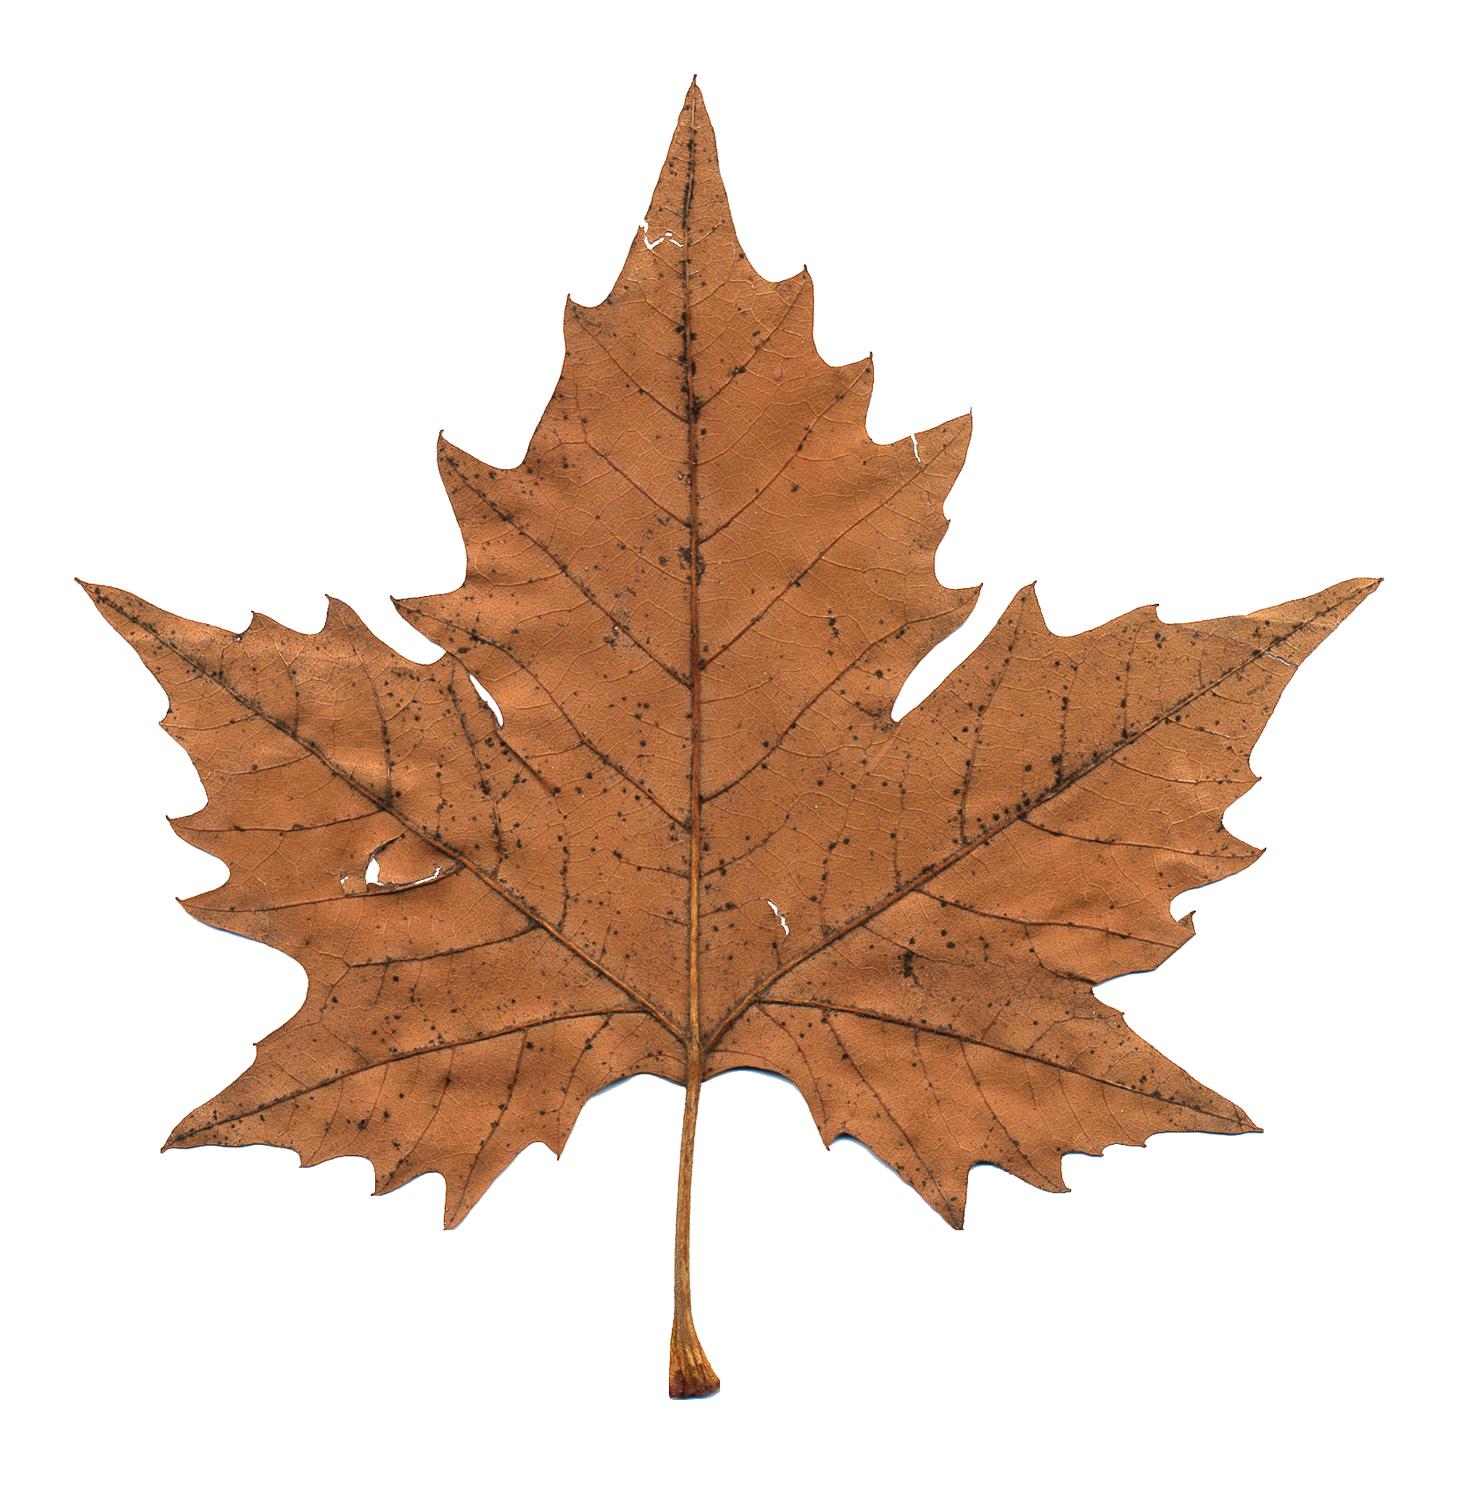 Maple Leaf PNG Image.